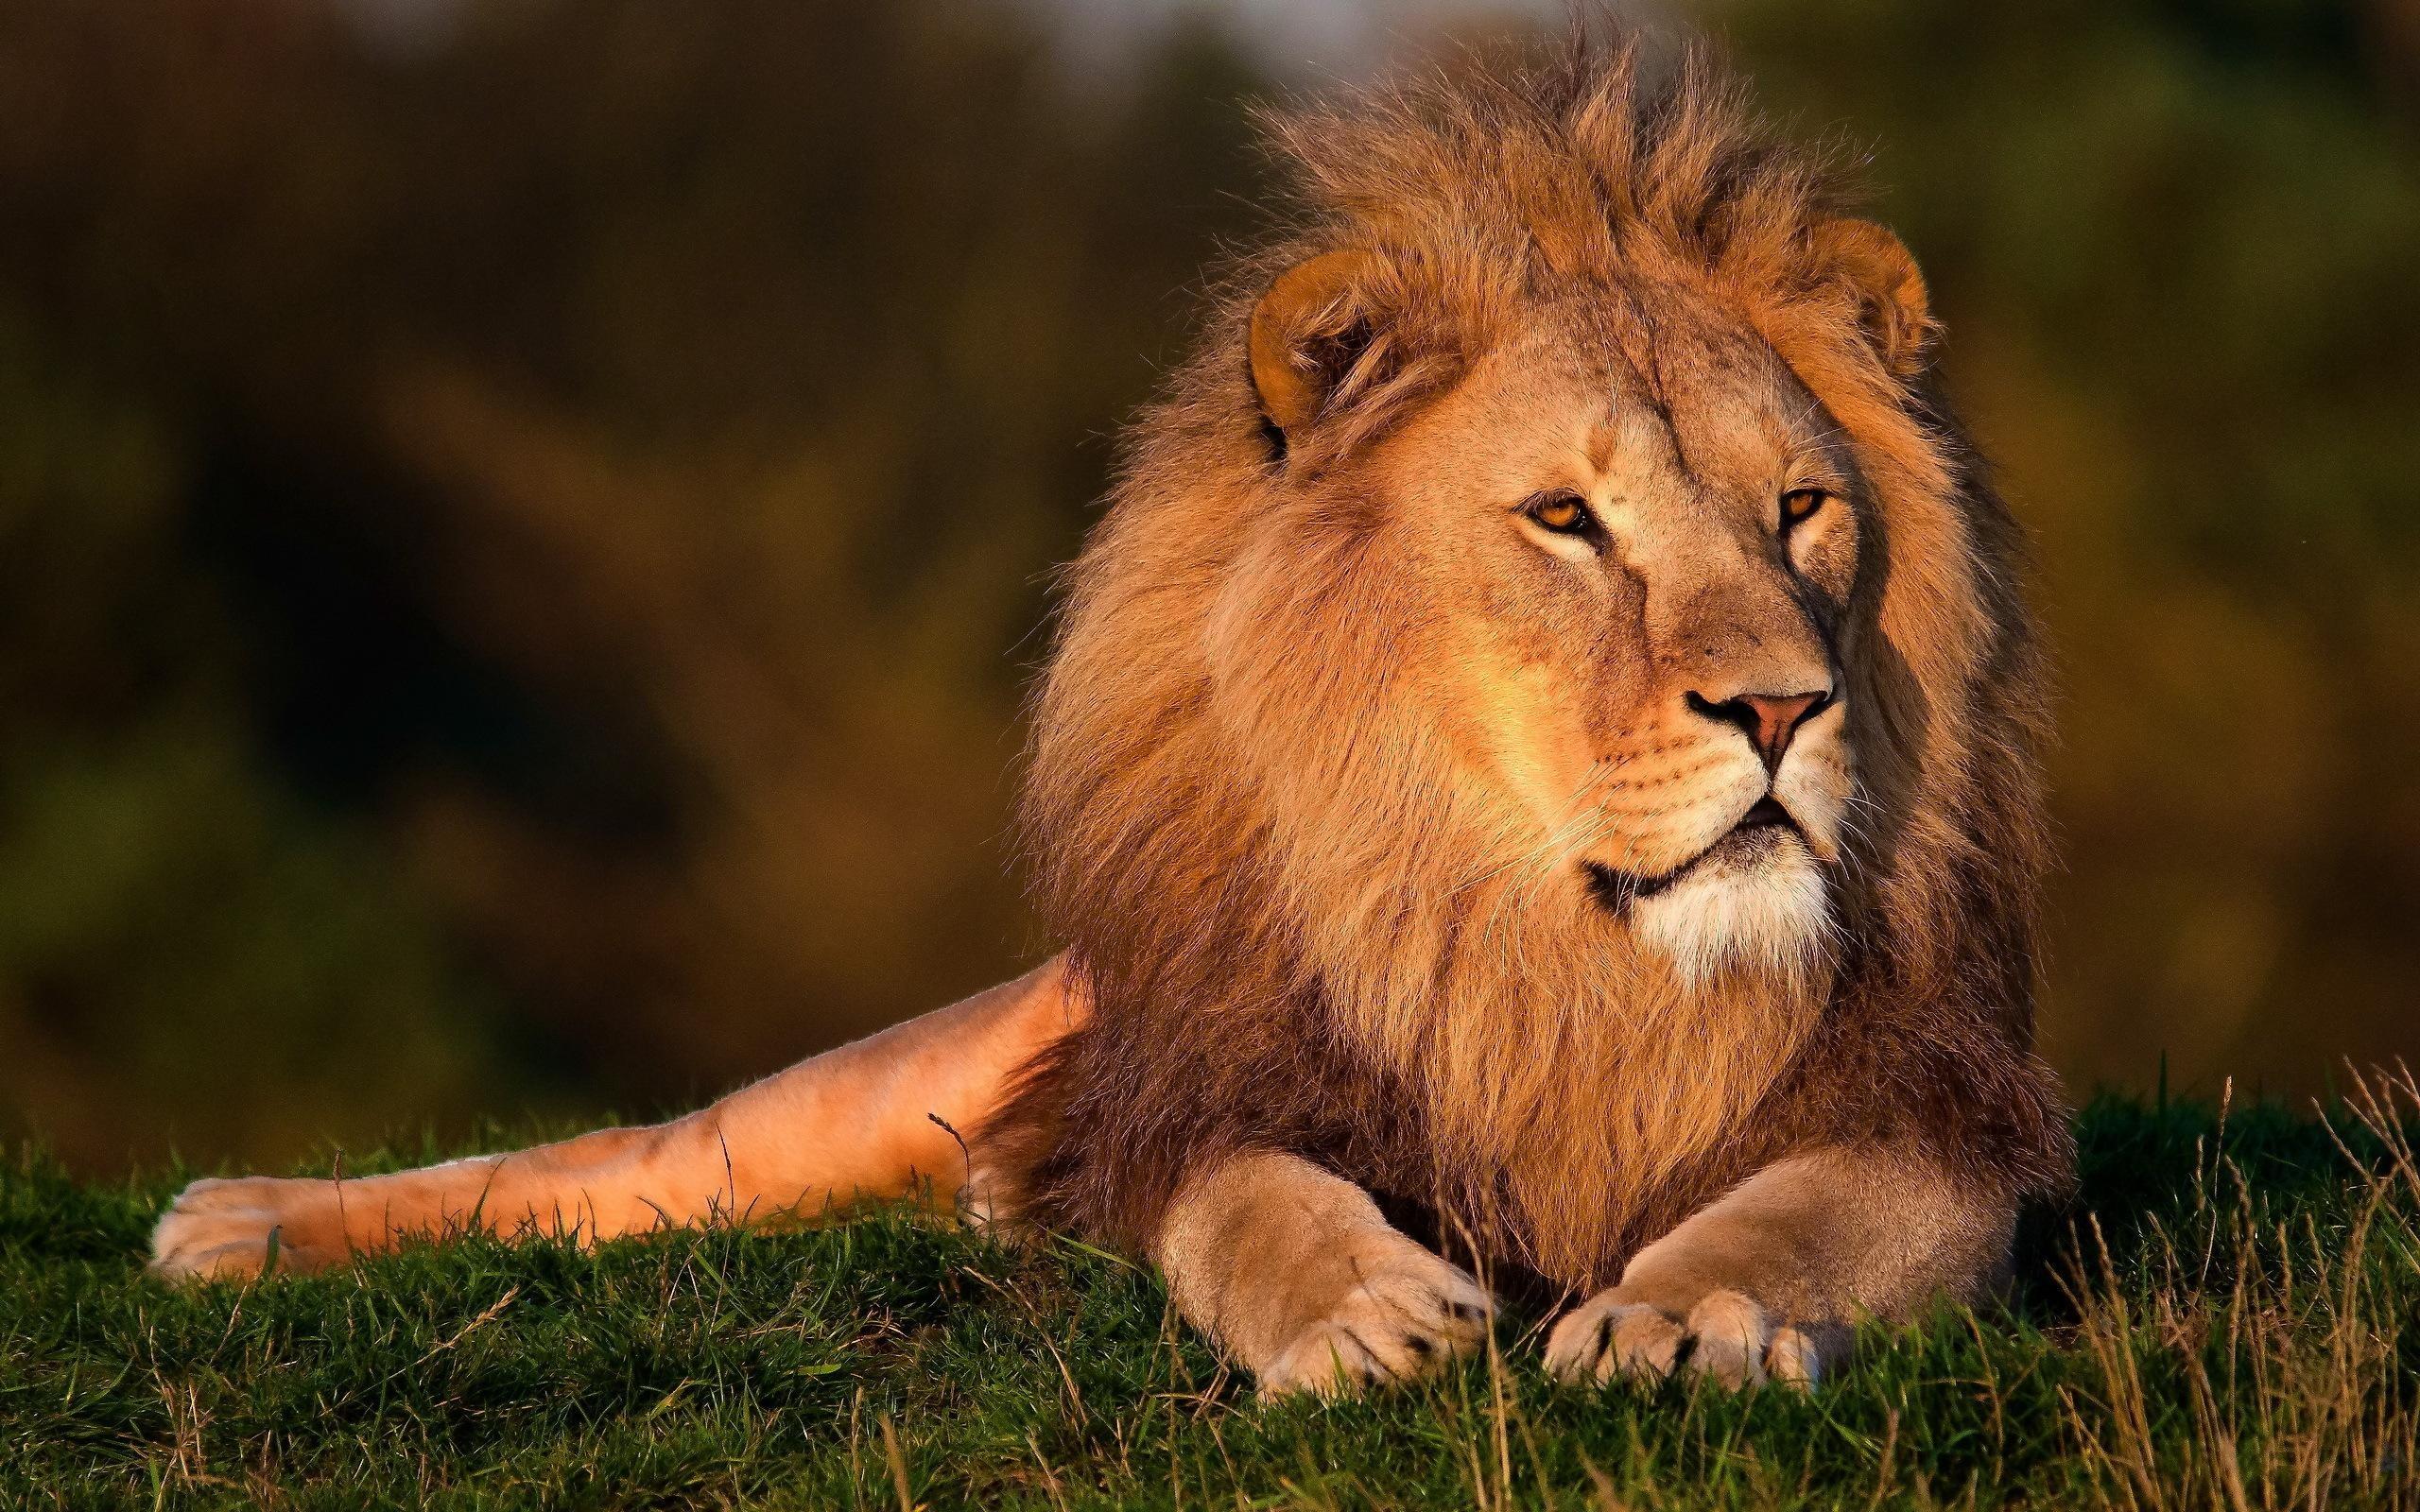 этой картинки лев хорошего качества очаровательный кустарник